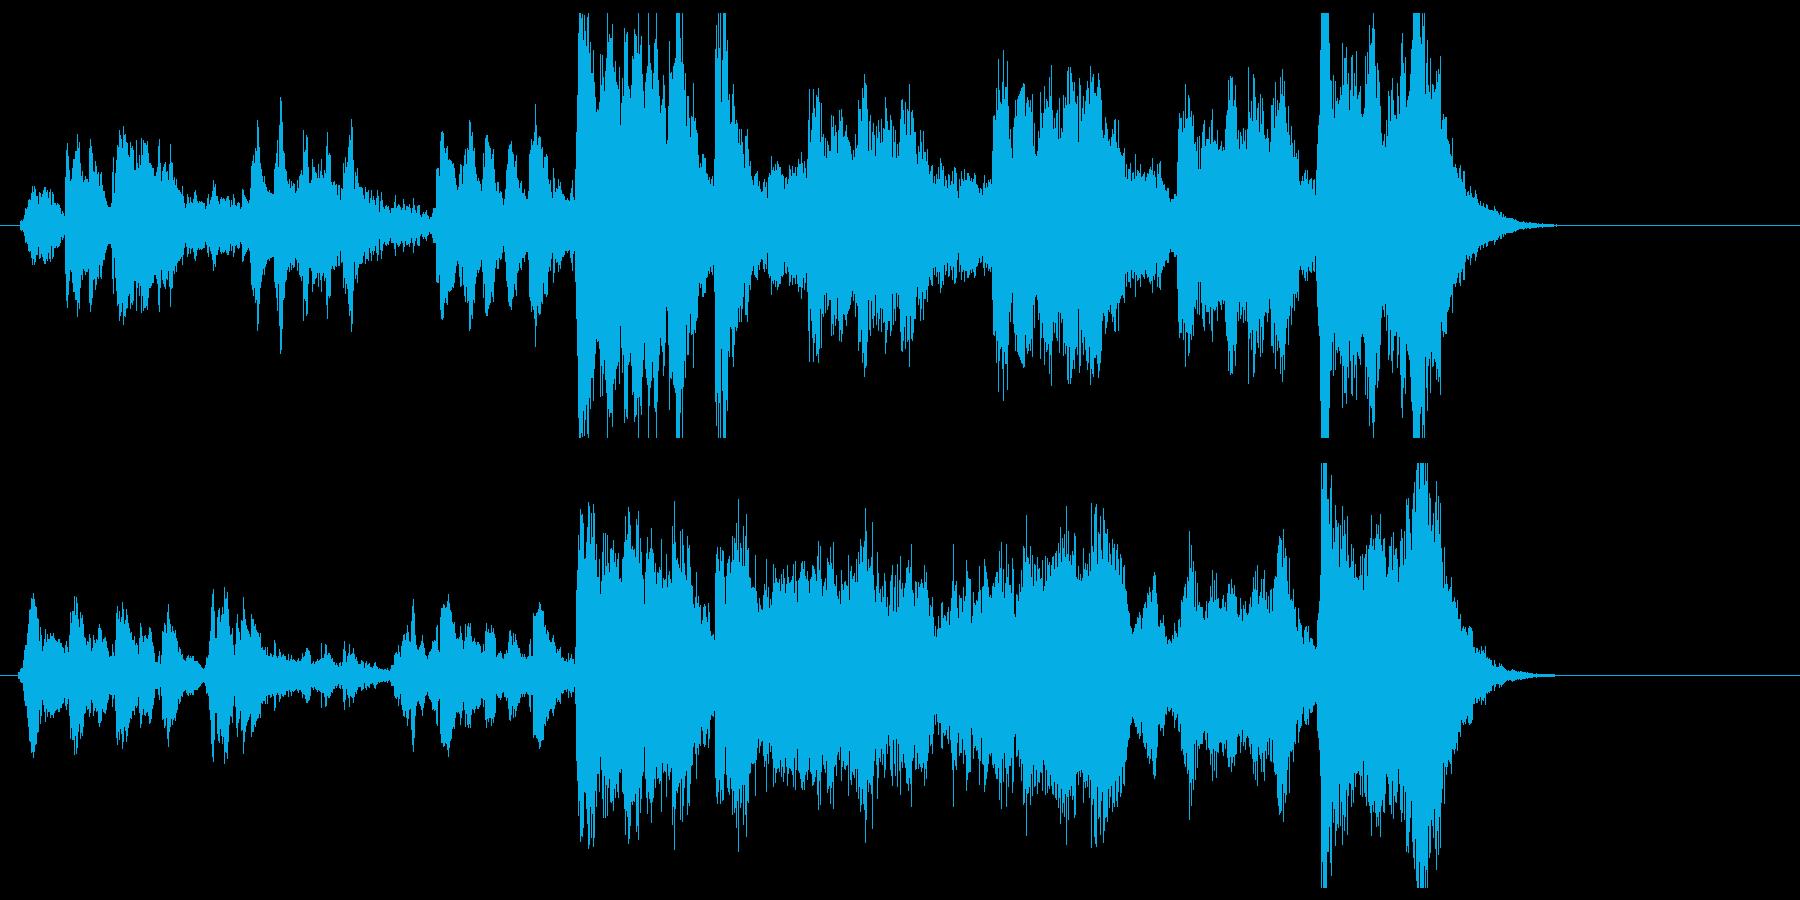 躍動感ある不思議なポップジングルの再生済みの波形